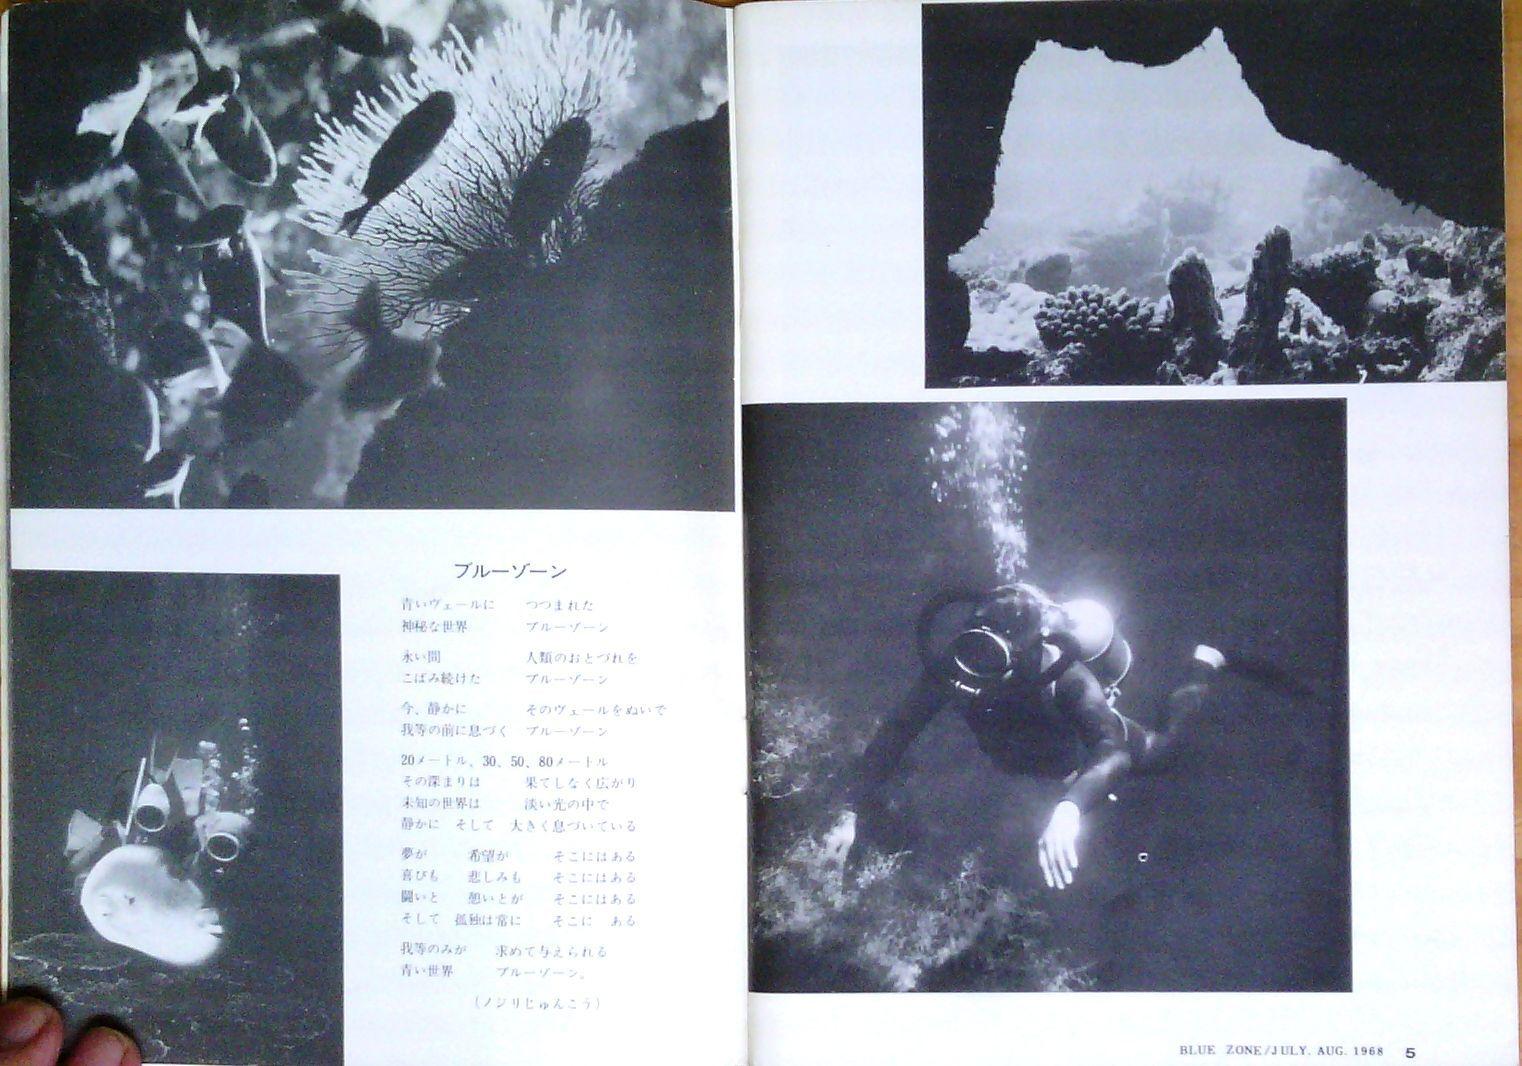 0311 ダイビングの歴史 52 ブルーゾーン 1_b0075059_16570422.jpg